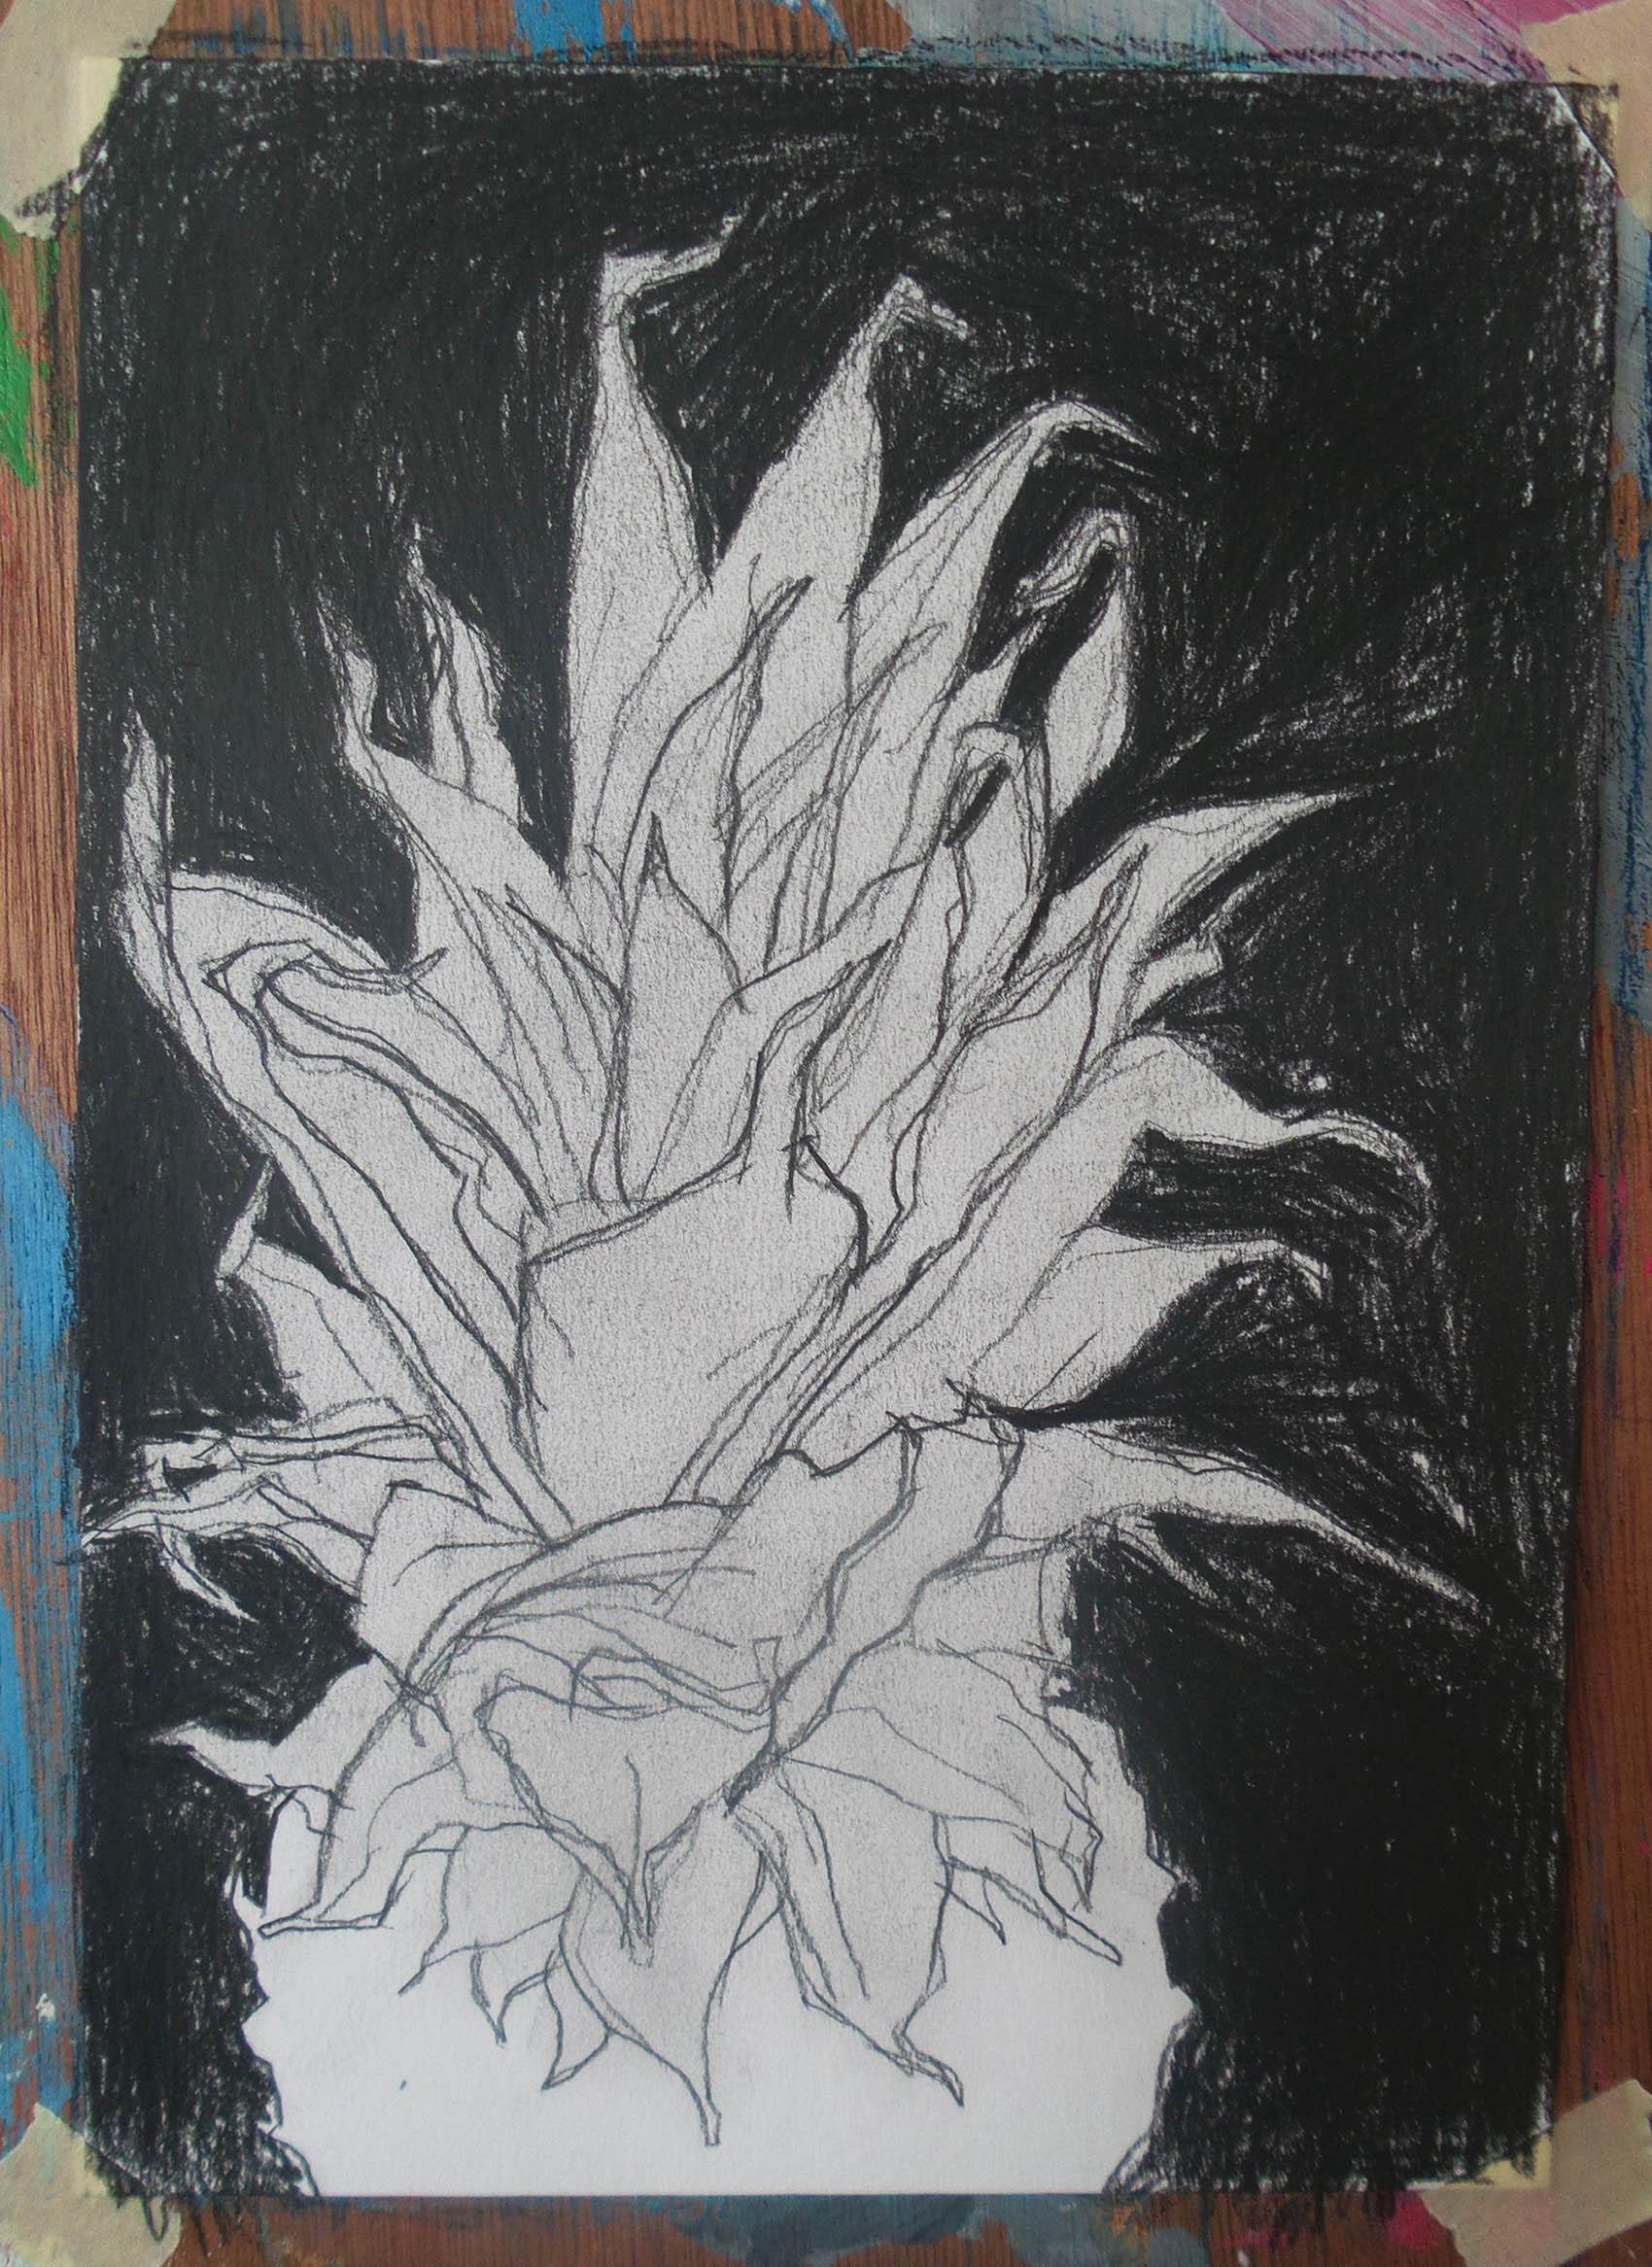 zwart-wit tekening ananas in zwart black and white drawing pineapple